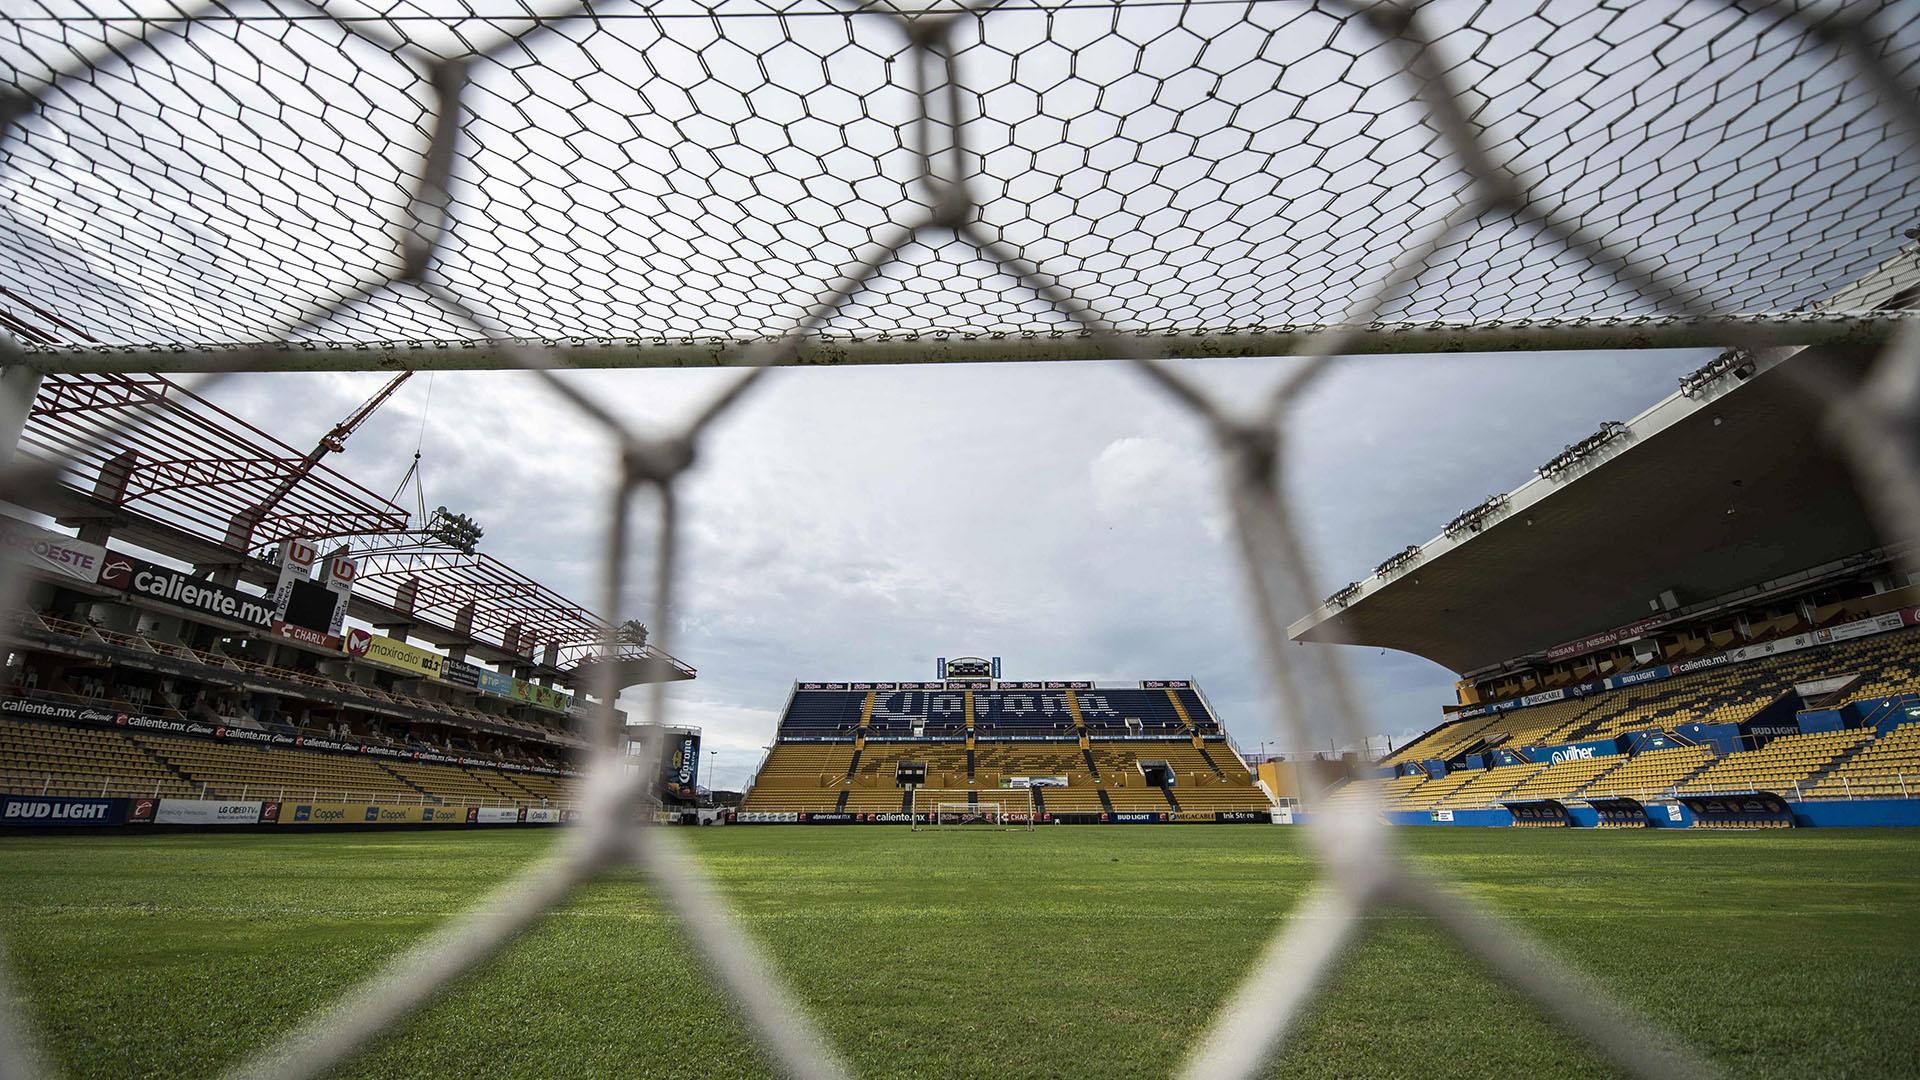 Dorados de Sinaloa nació en Culiacán en agosto del 2003 cuando el equipo hizo su aparición en territorio sinaloense para jugar en la Primera División de México cuando Eustaquio de Nicolás y Valente Aguirre anunciaron la creación de los Dorados (AFP)